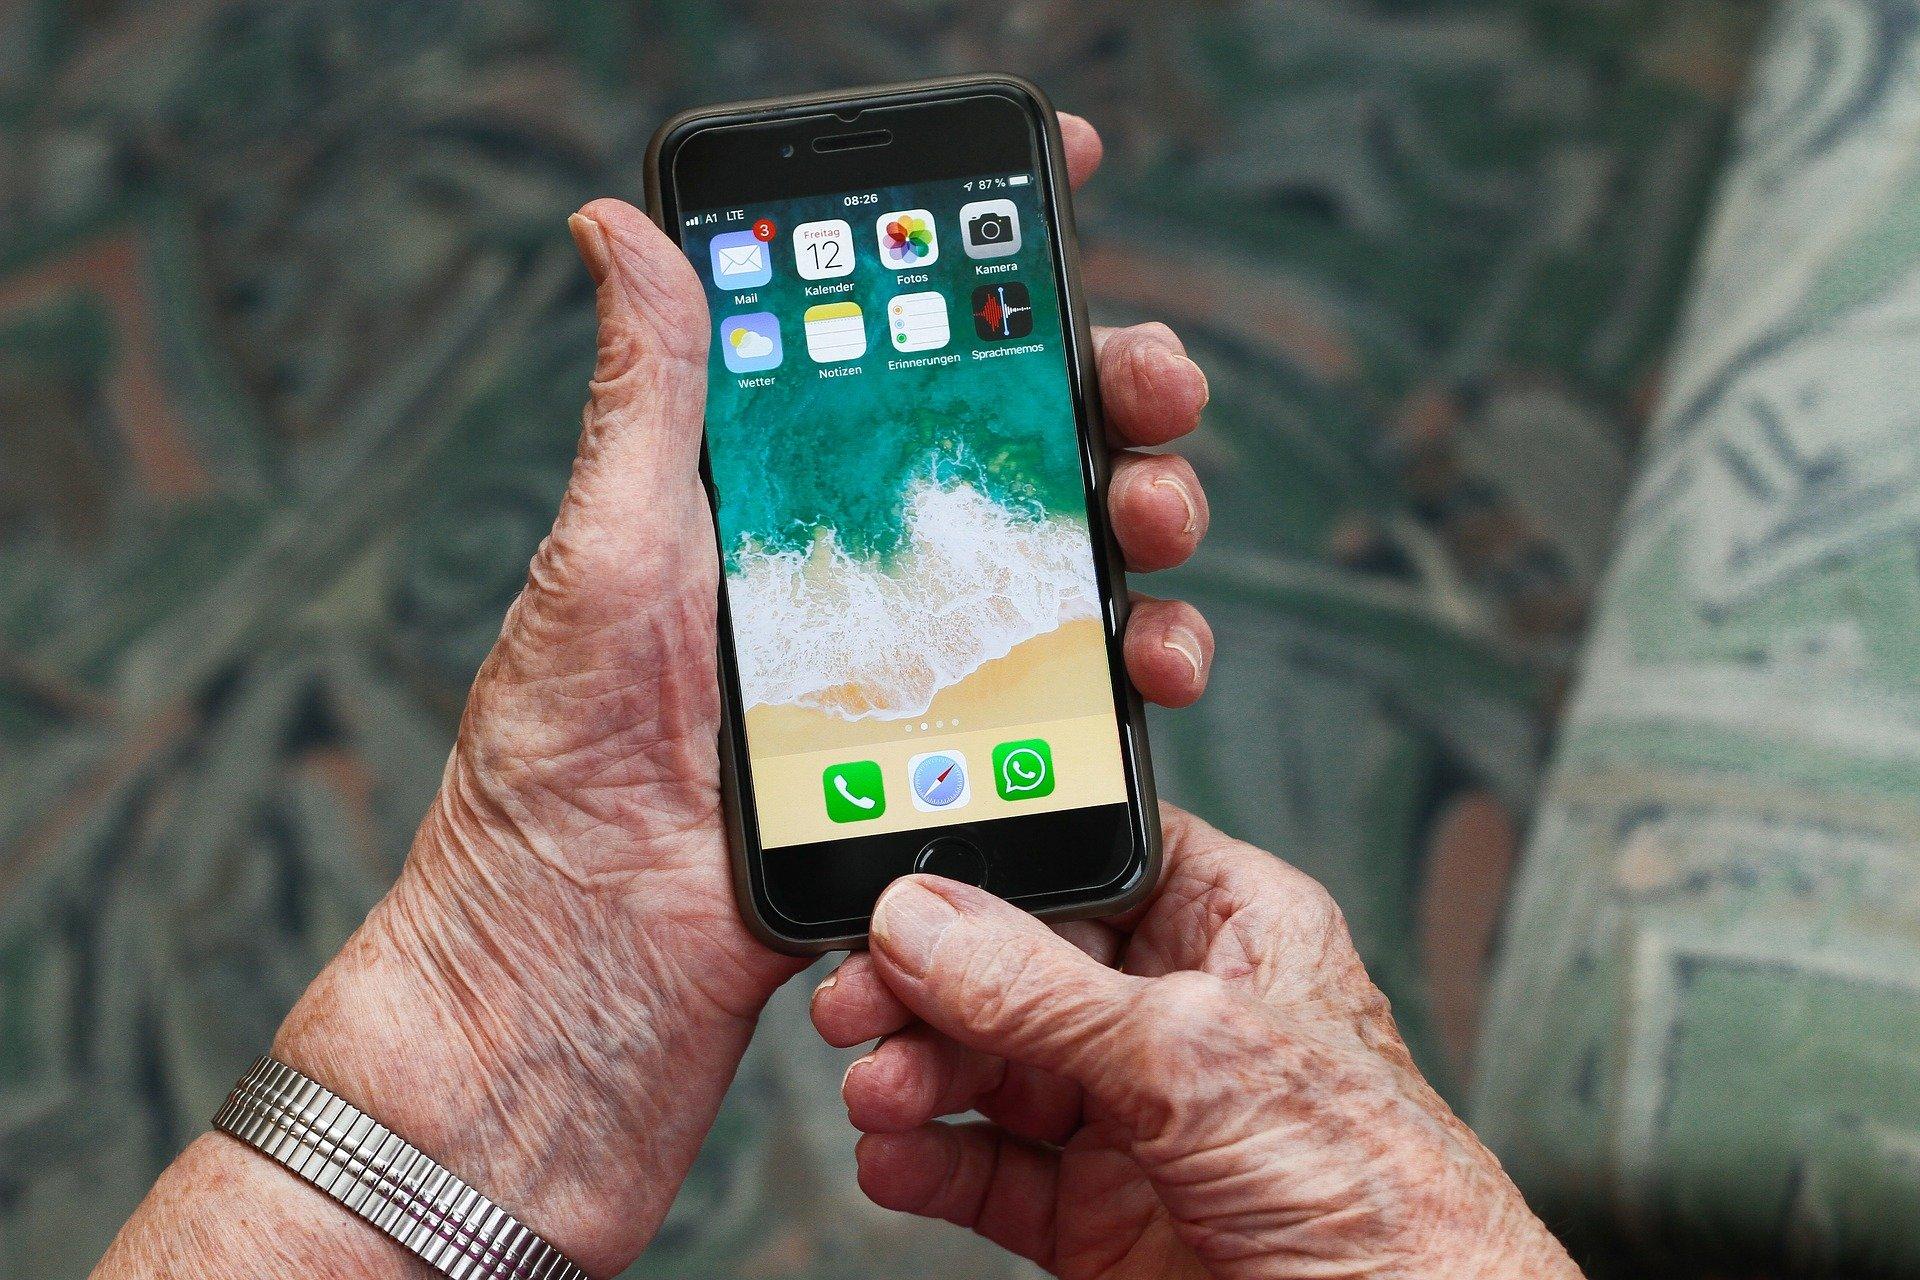 Zu sehen ist ein Smartphone, das von einer älteren Person in der Hand gehalten wird